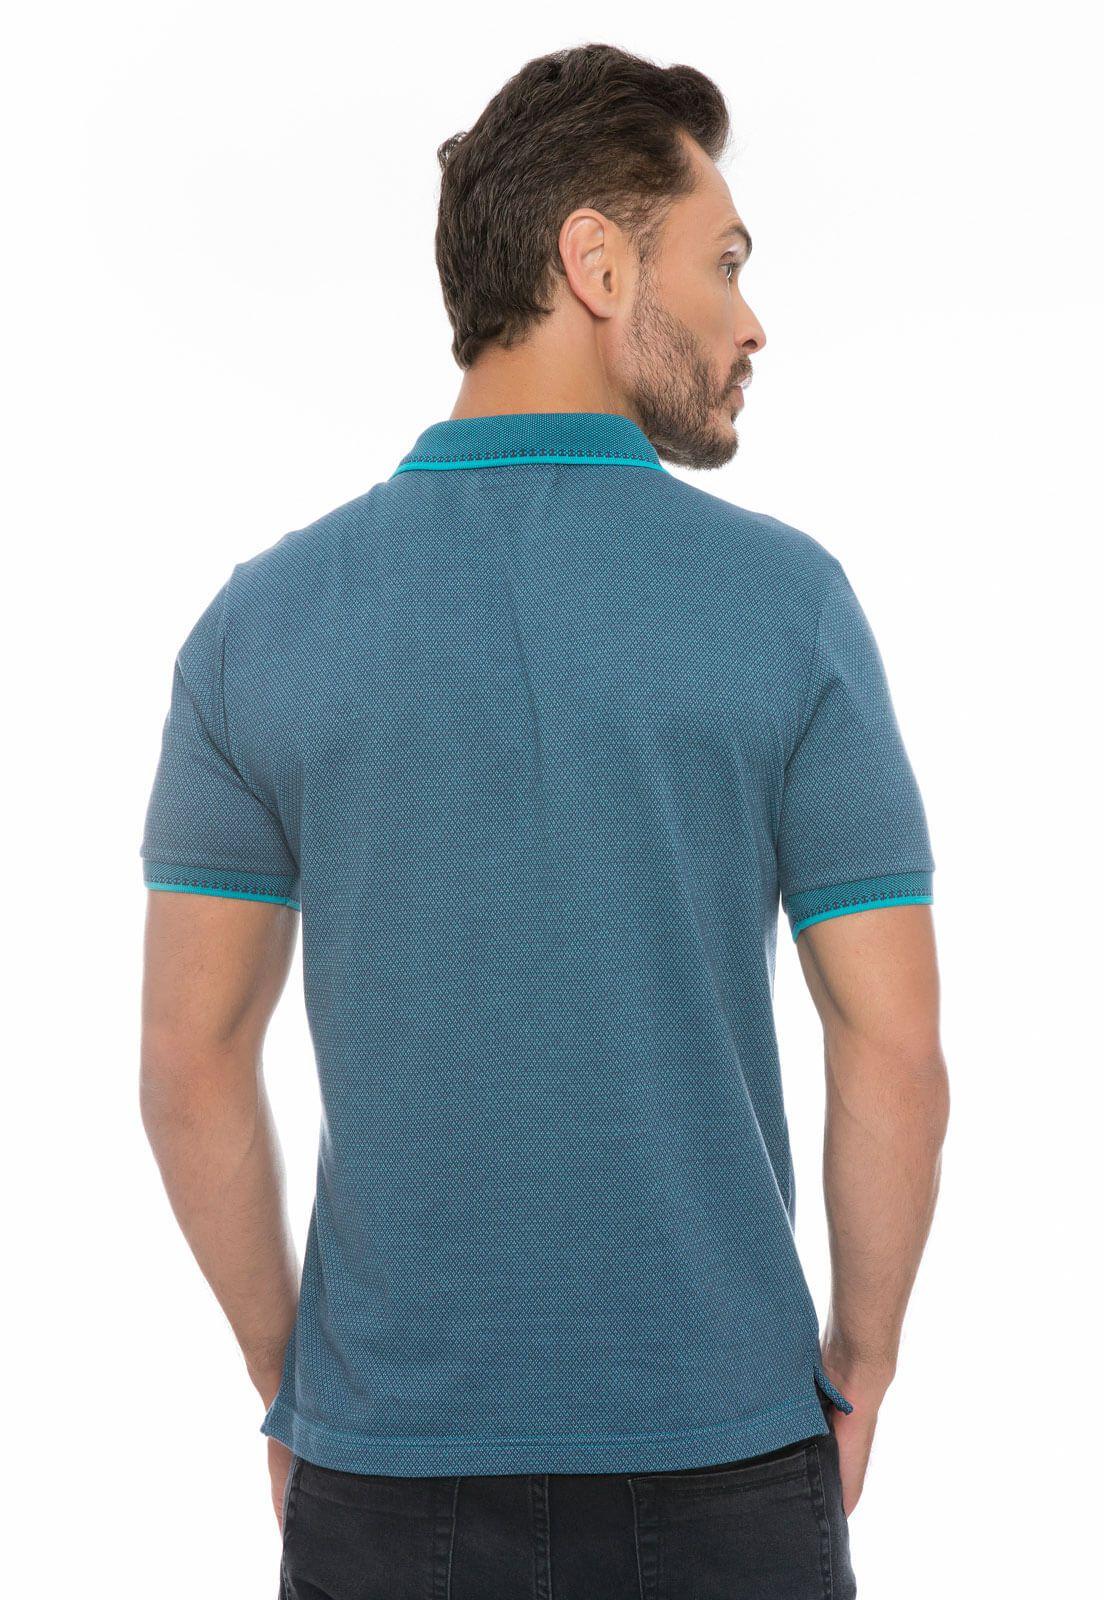 Camisa Gola Polo Olimpo Meia Malha Jacguard Azul